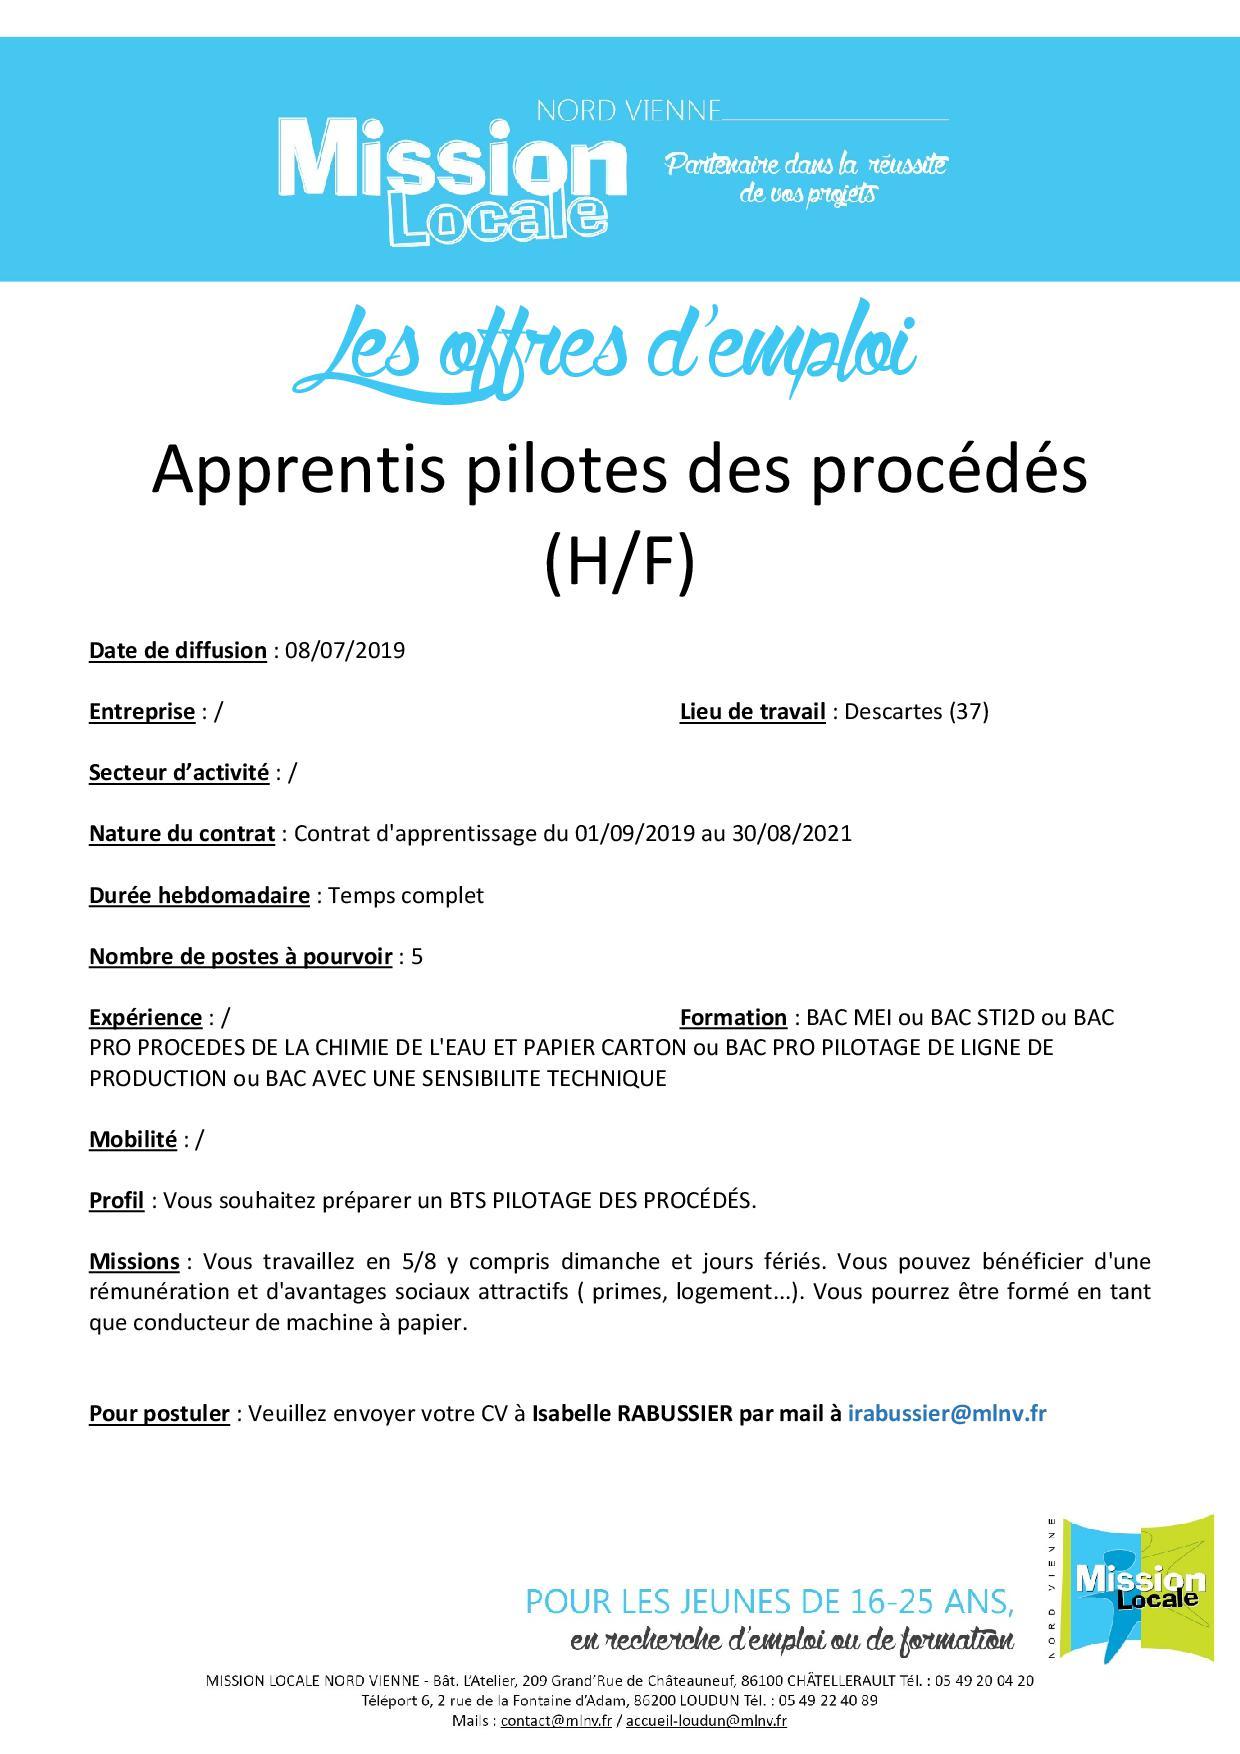 Apprentis pilotes des procédés (H/F)